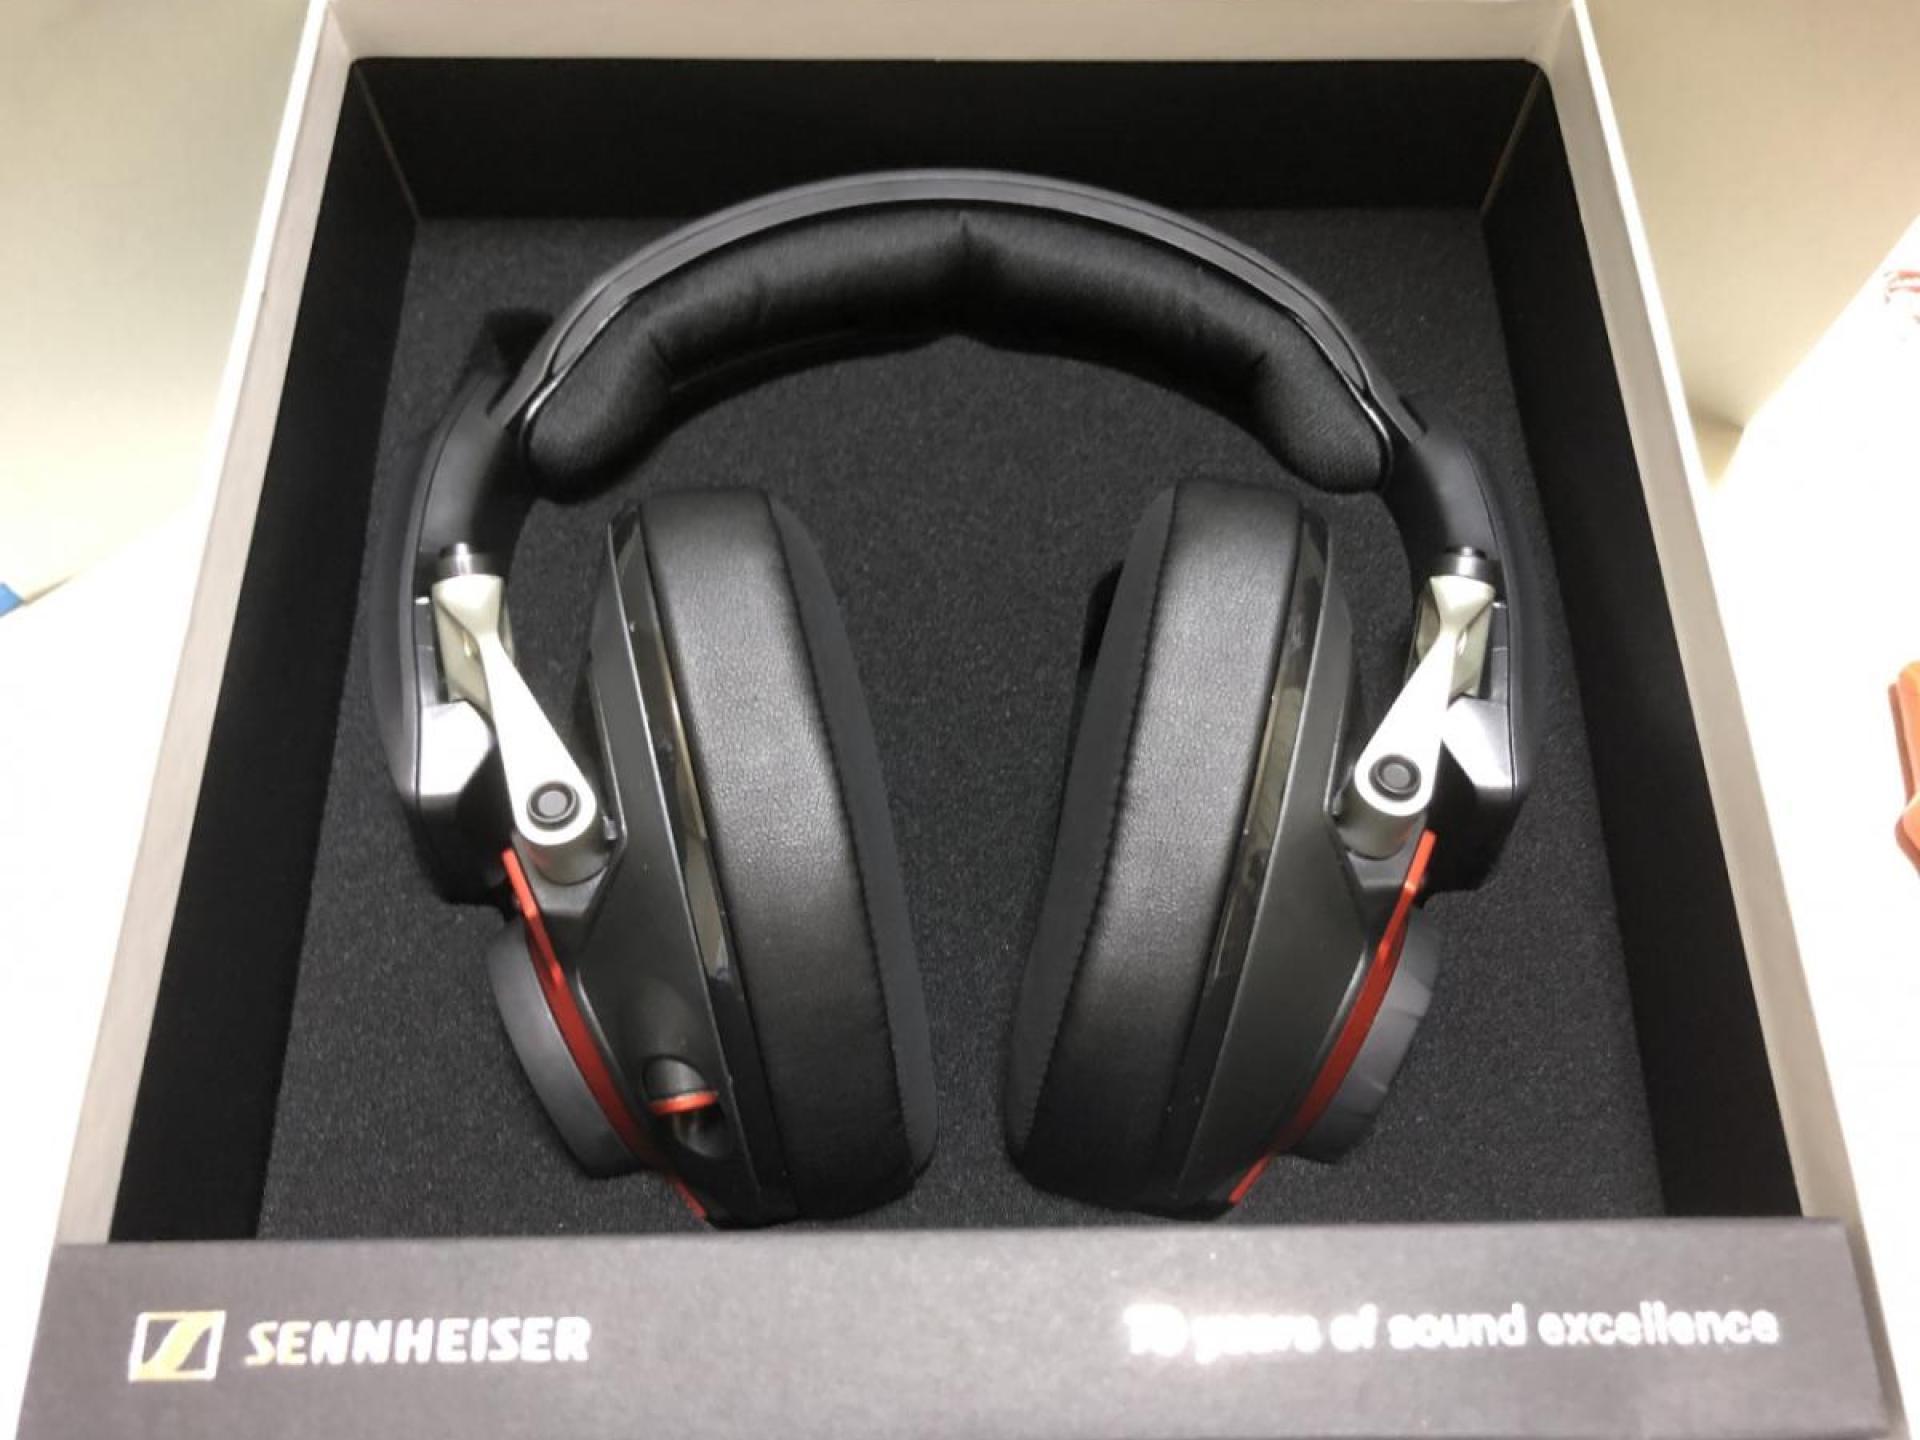 EPOS Sennheiser GSP600